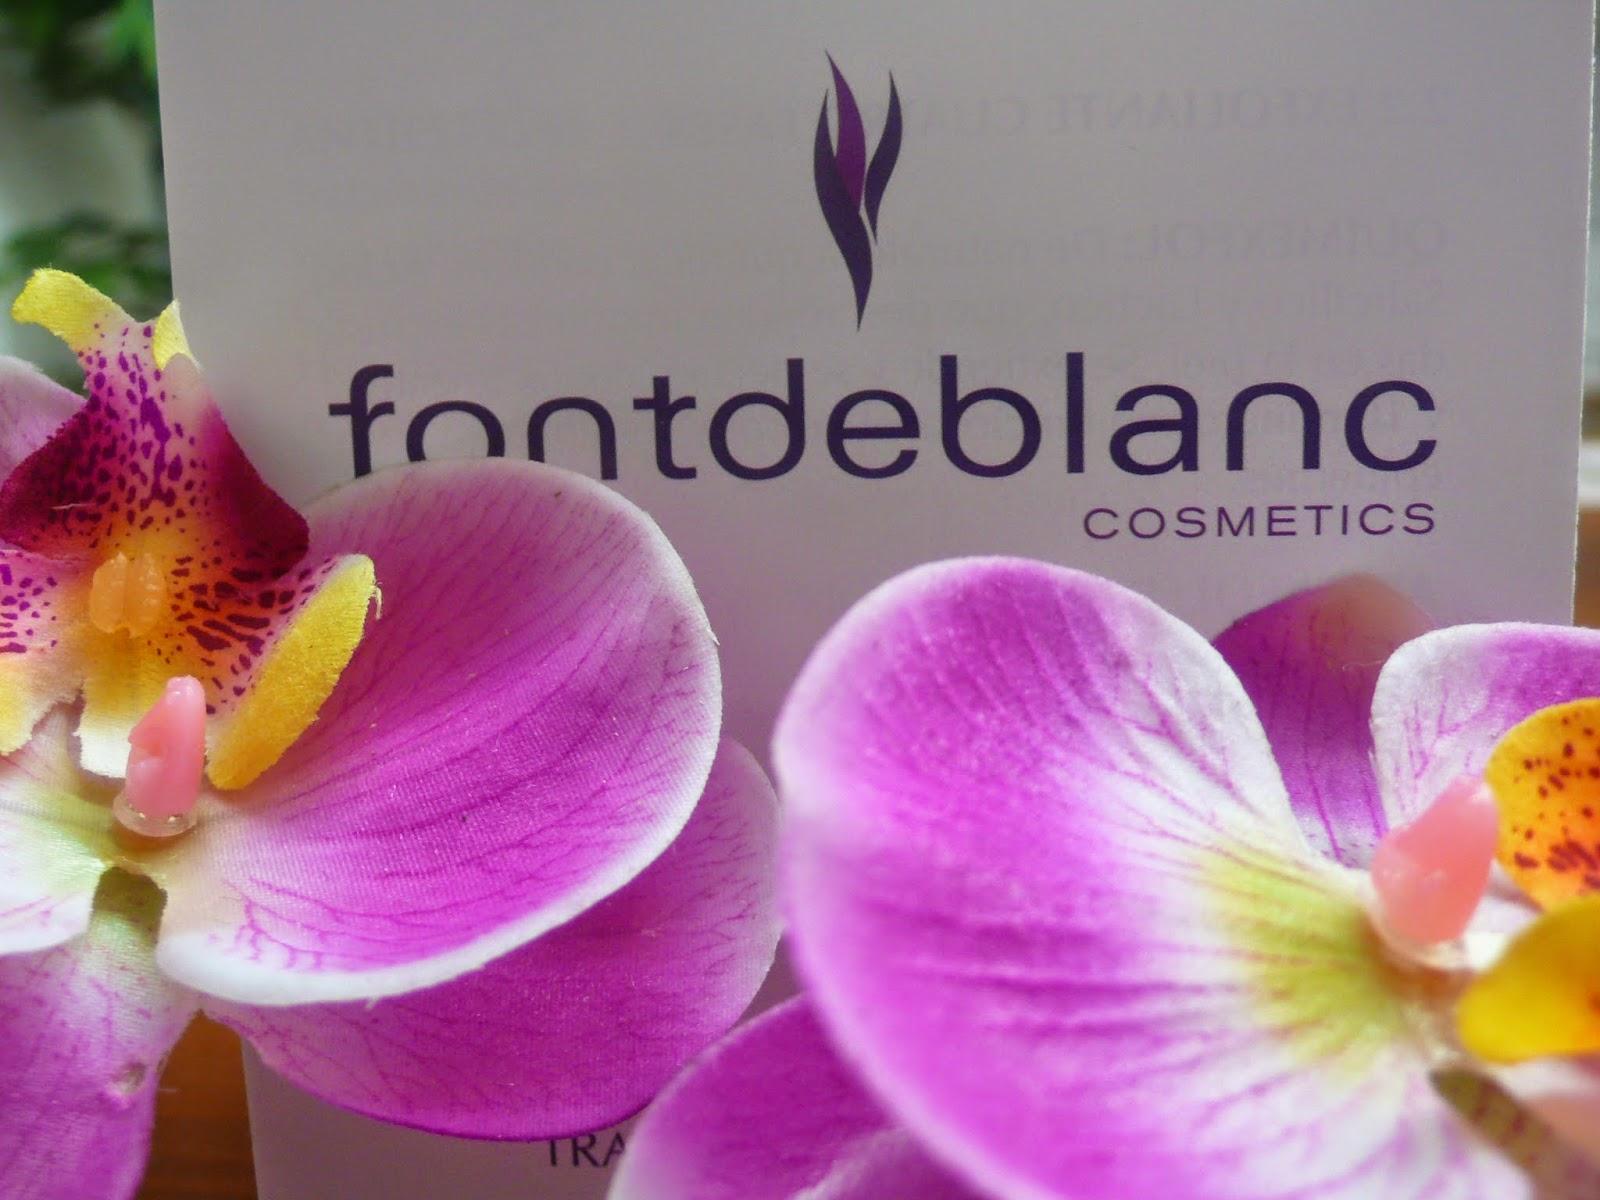 www.fondeblanc.com.